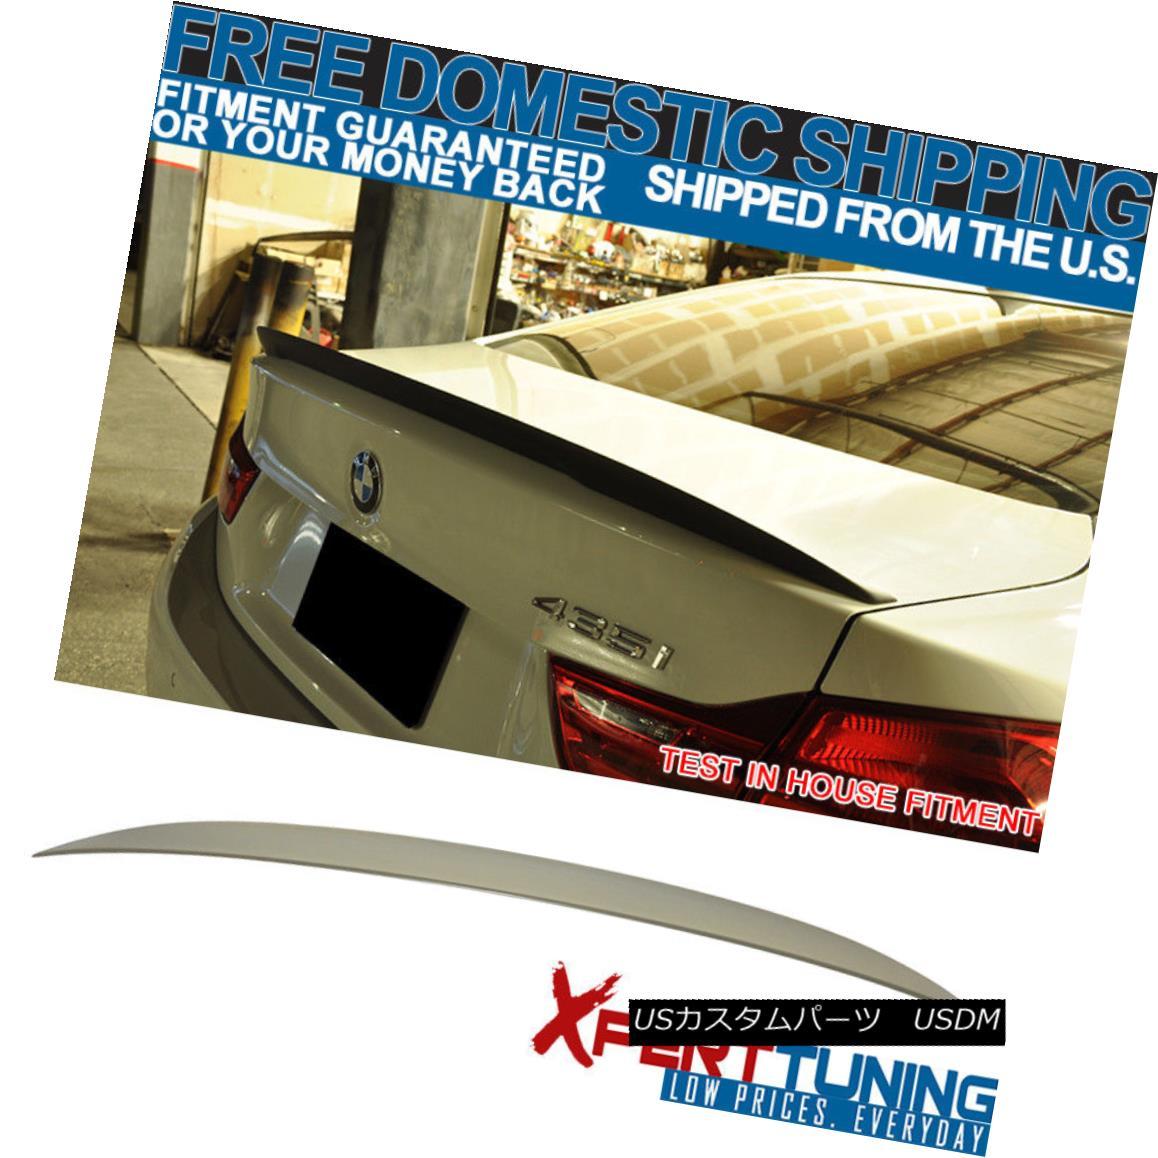 エアロパーツ 14-17 BMW F32 4-Series P Style Rear Trunk Spoiler Wing Deck Boot Unpainted ABS 14-17 BMW F32 4シリーズPスタイルリアトランク・スポイラーウイング・デッキ・ブーツ未塗装ABS